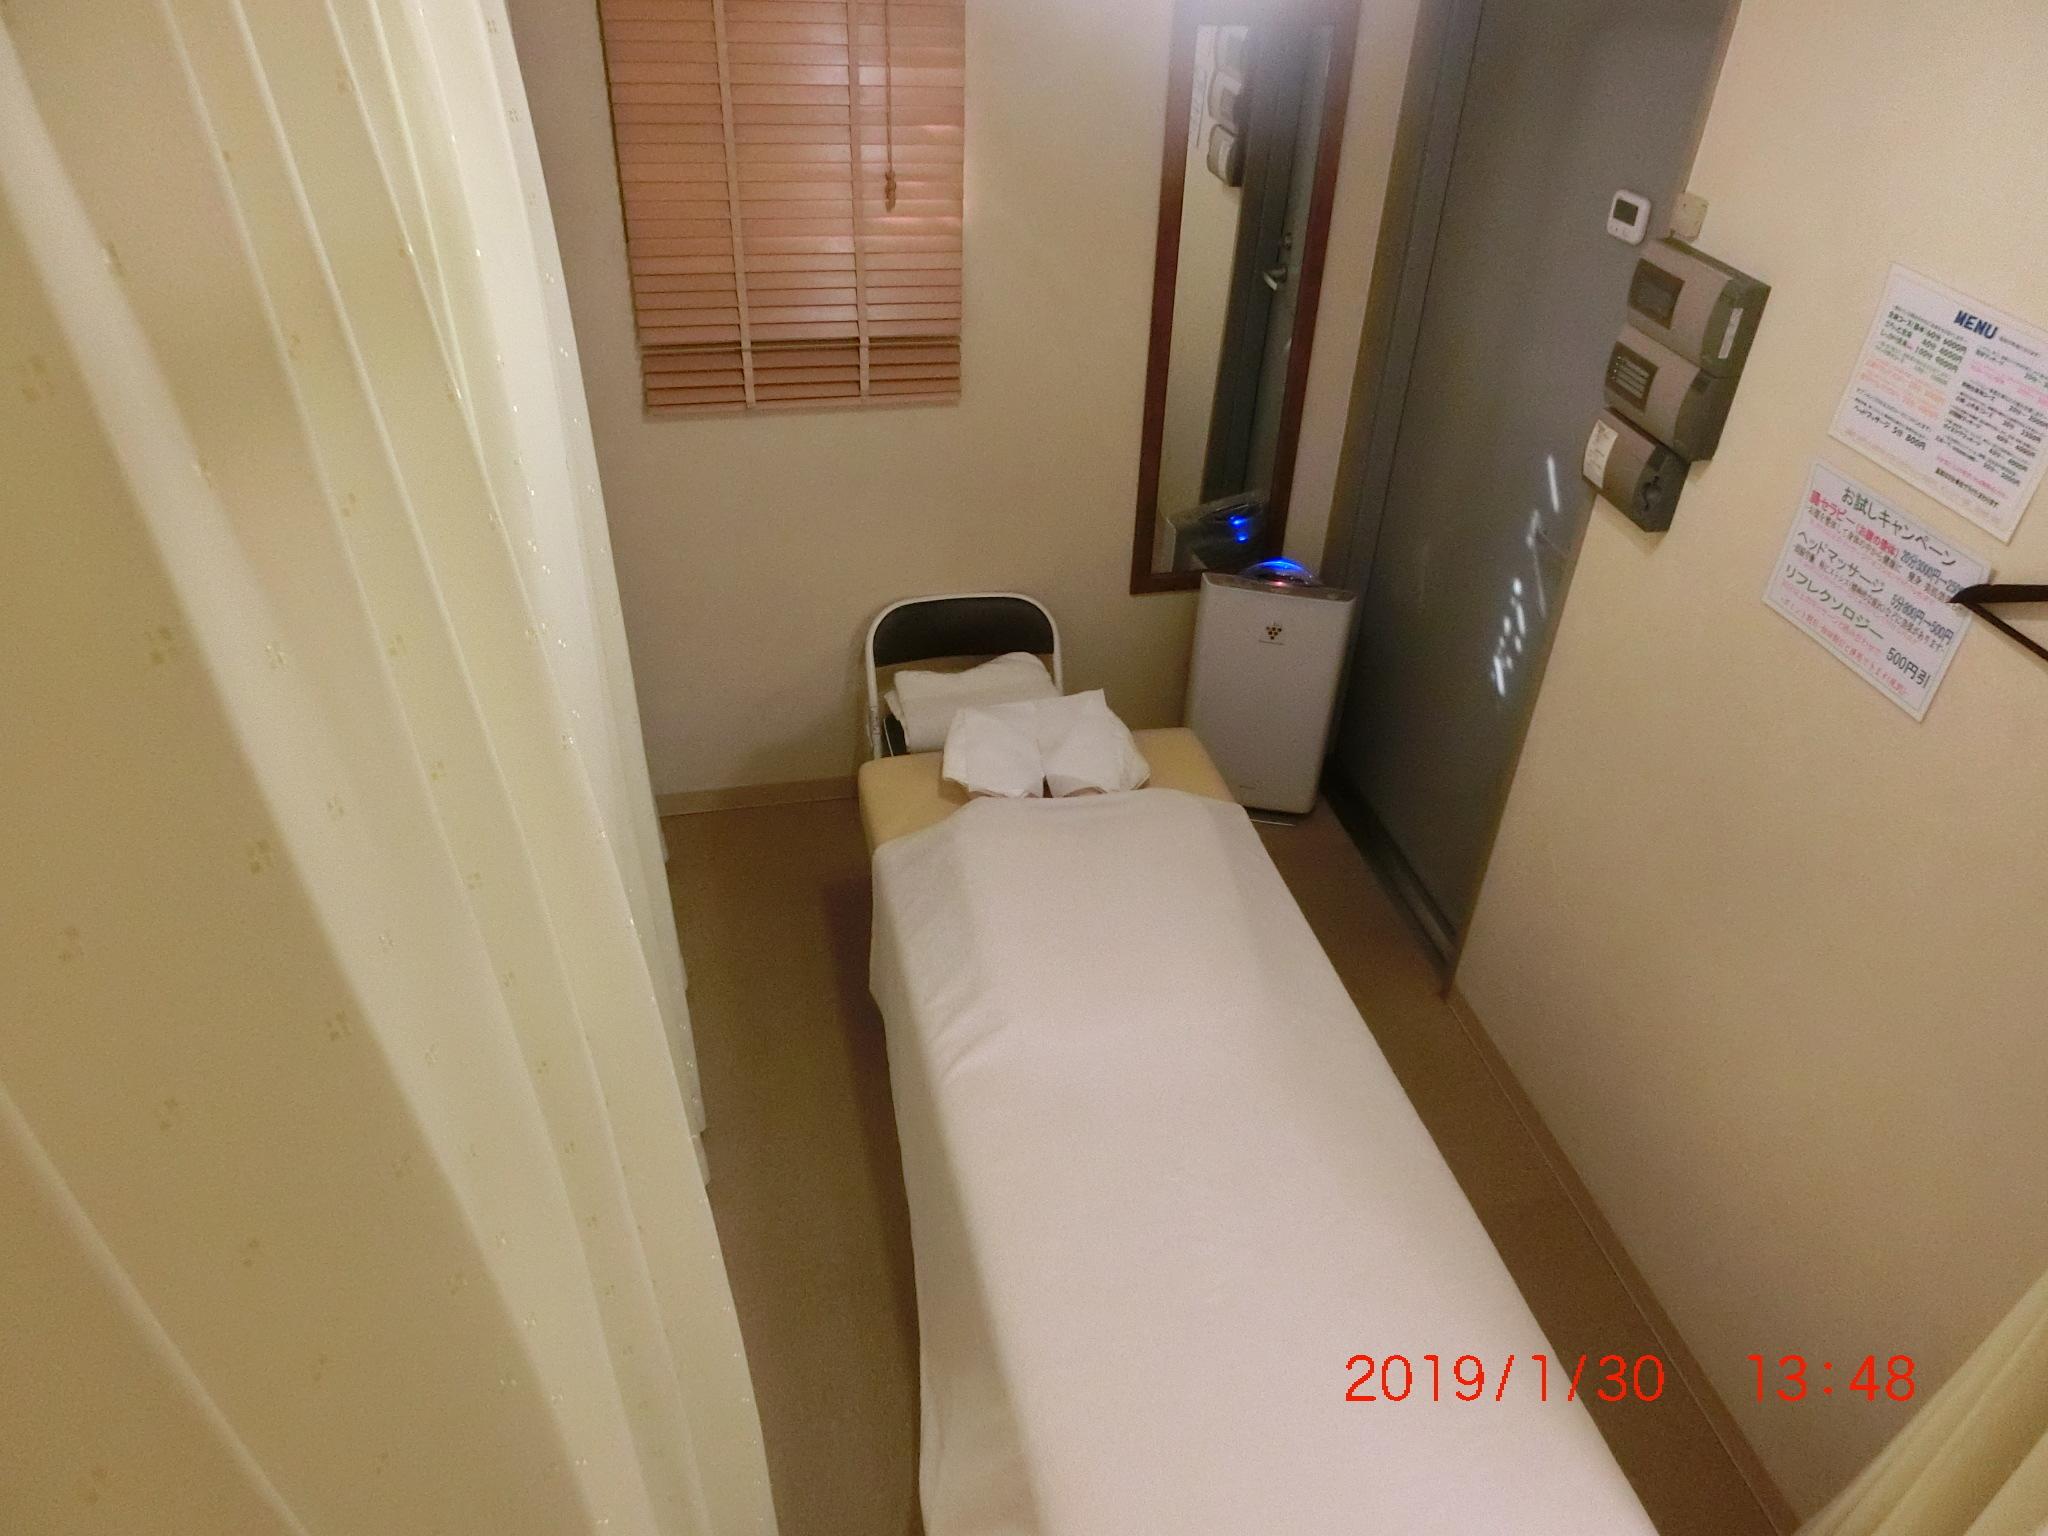 からだケアFine! 治療室の室内の写真